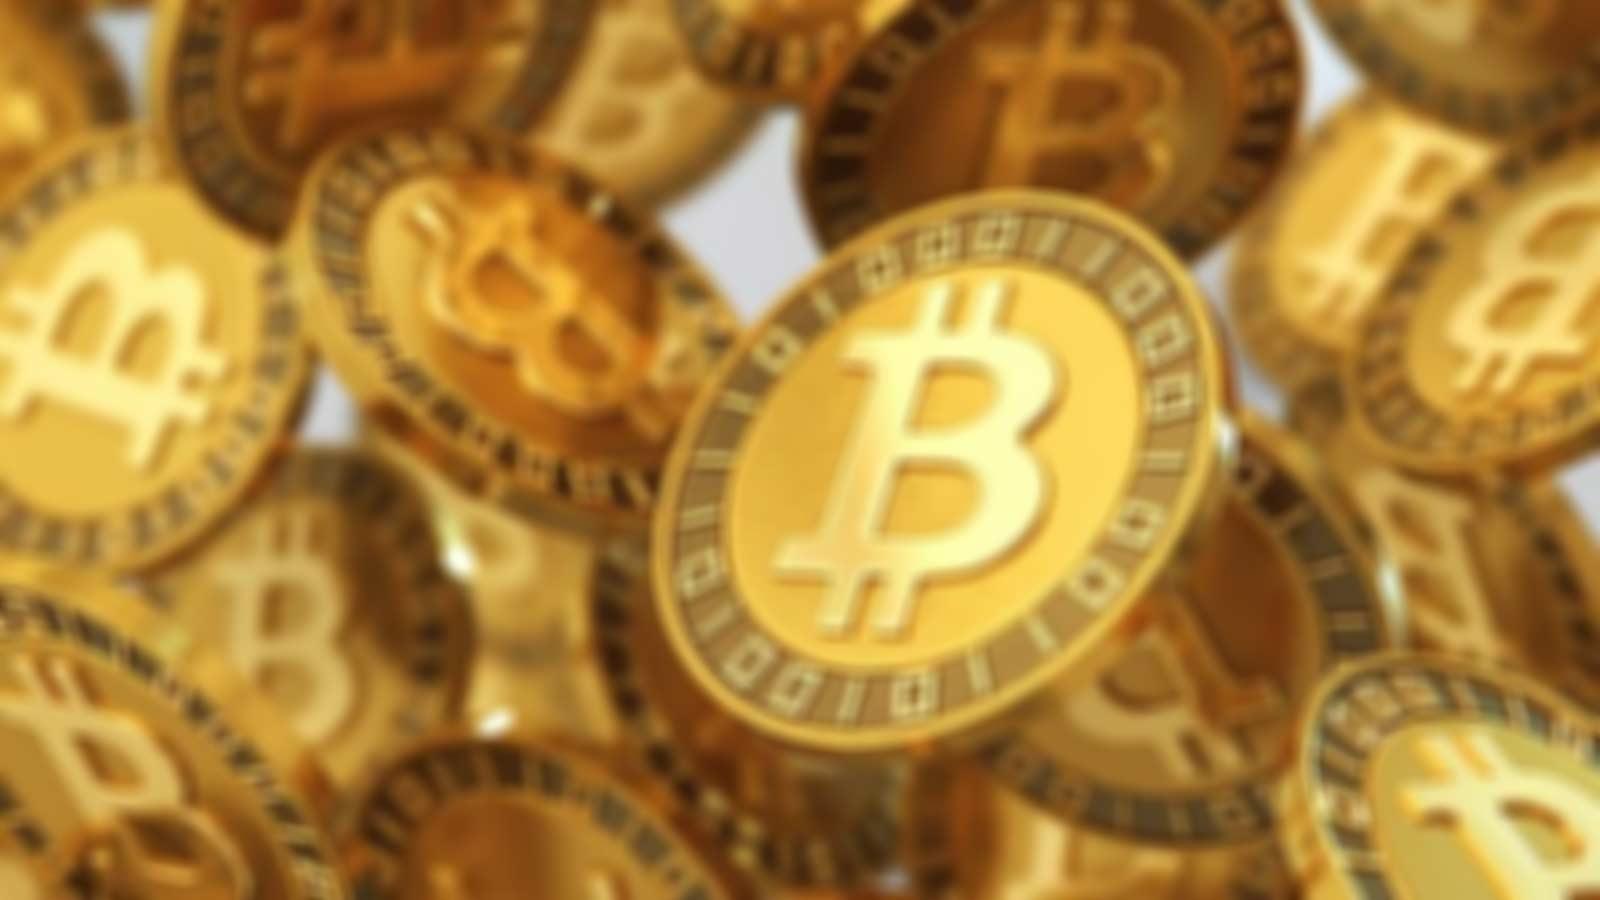 Le Bitcoin, cette monnaie virtuelle dont tout le monde parle